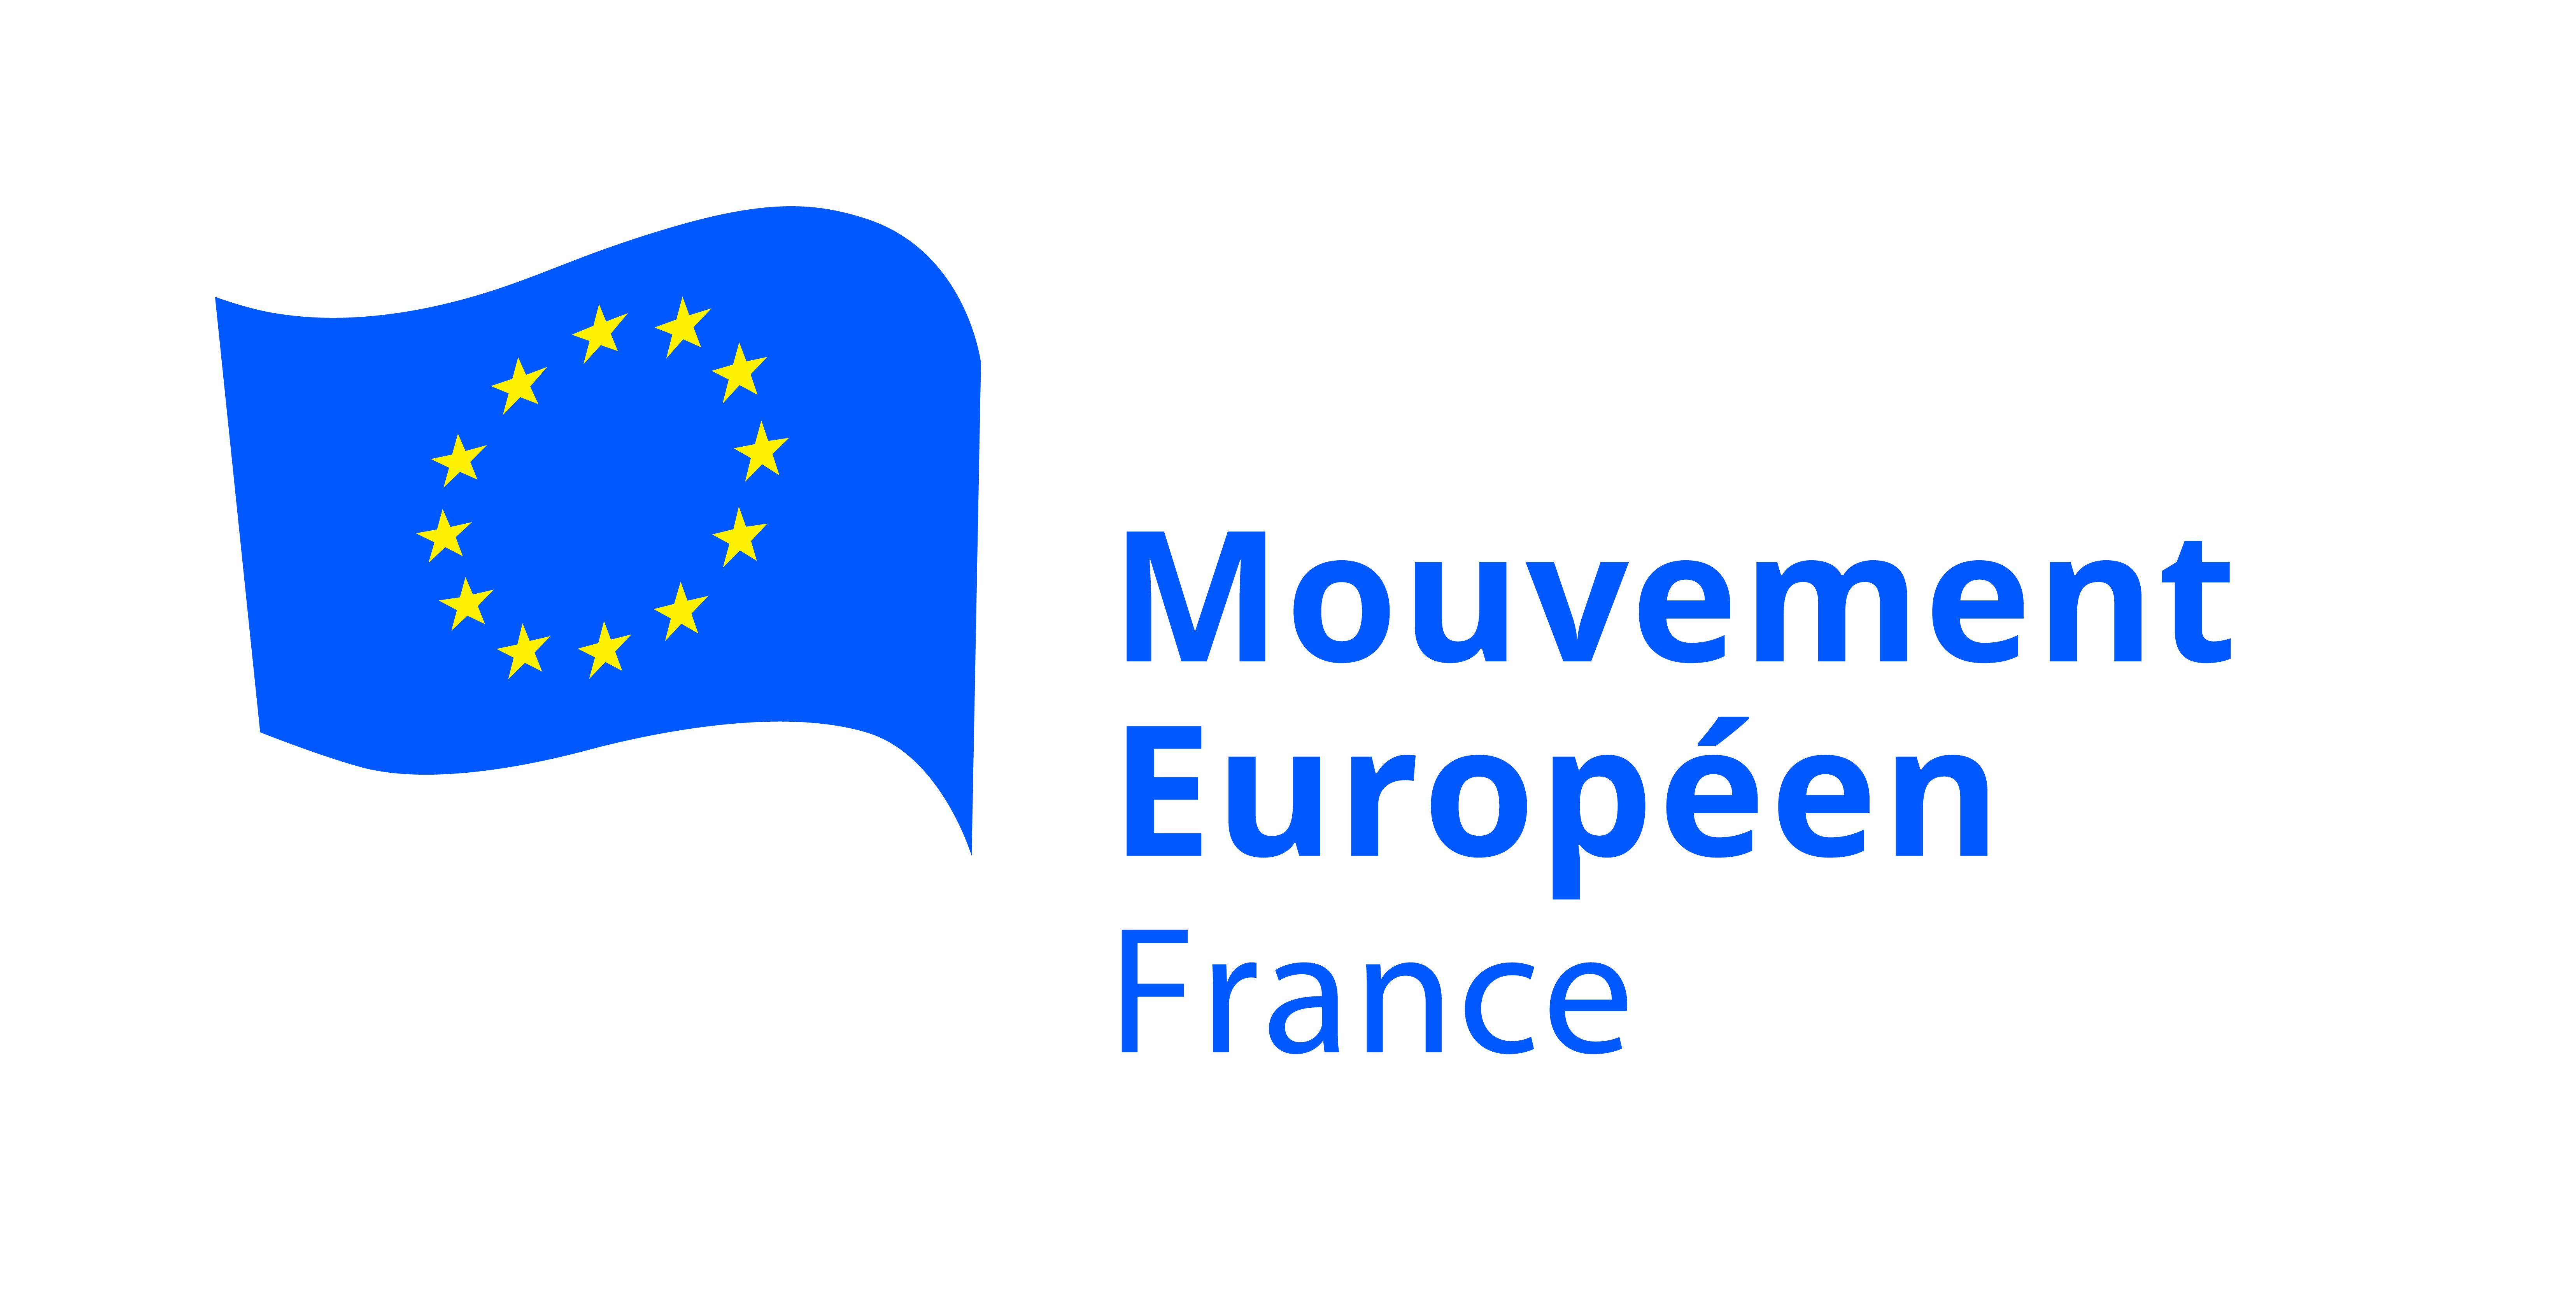 Mouvement européen France